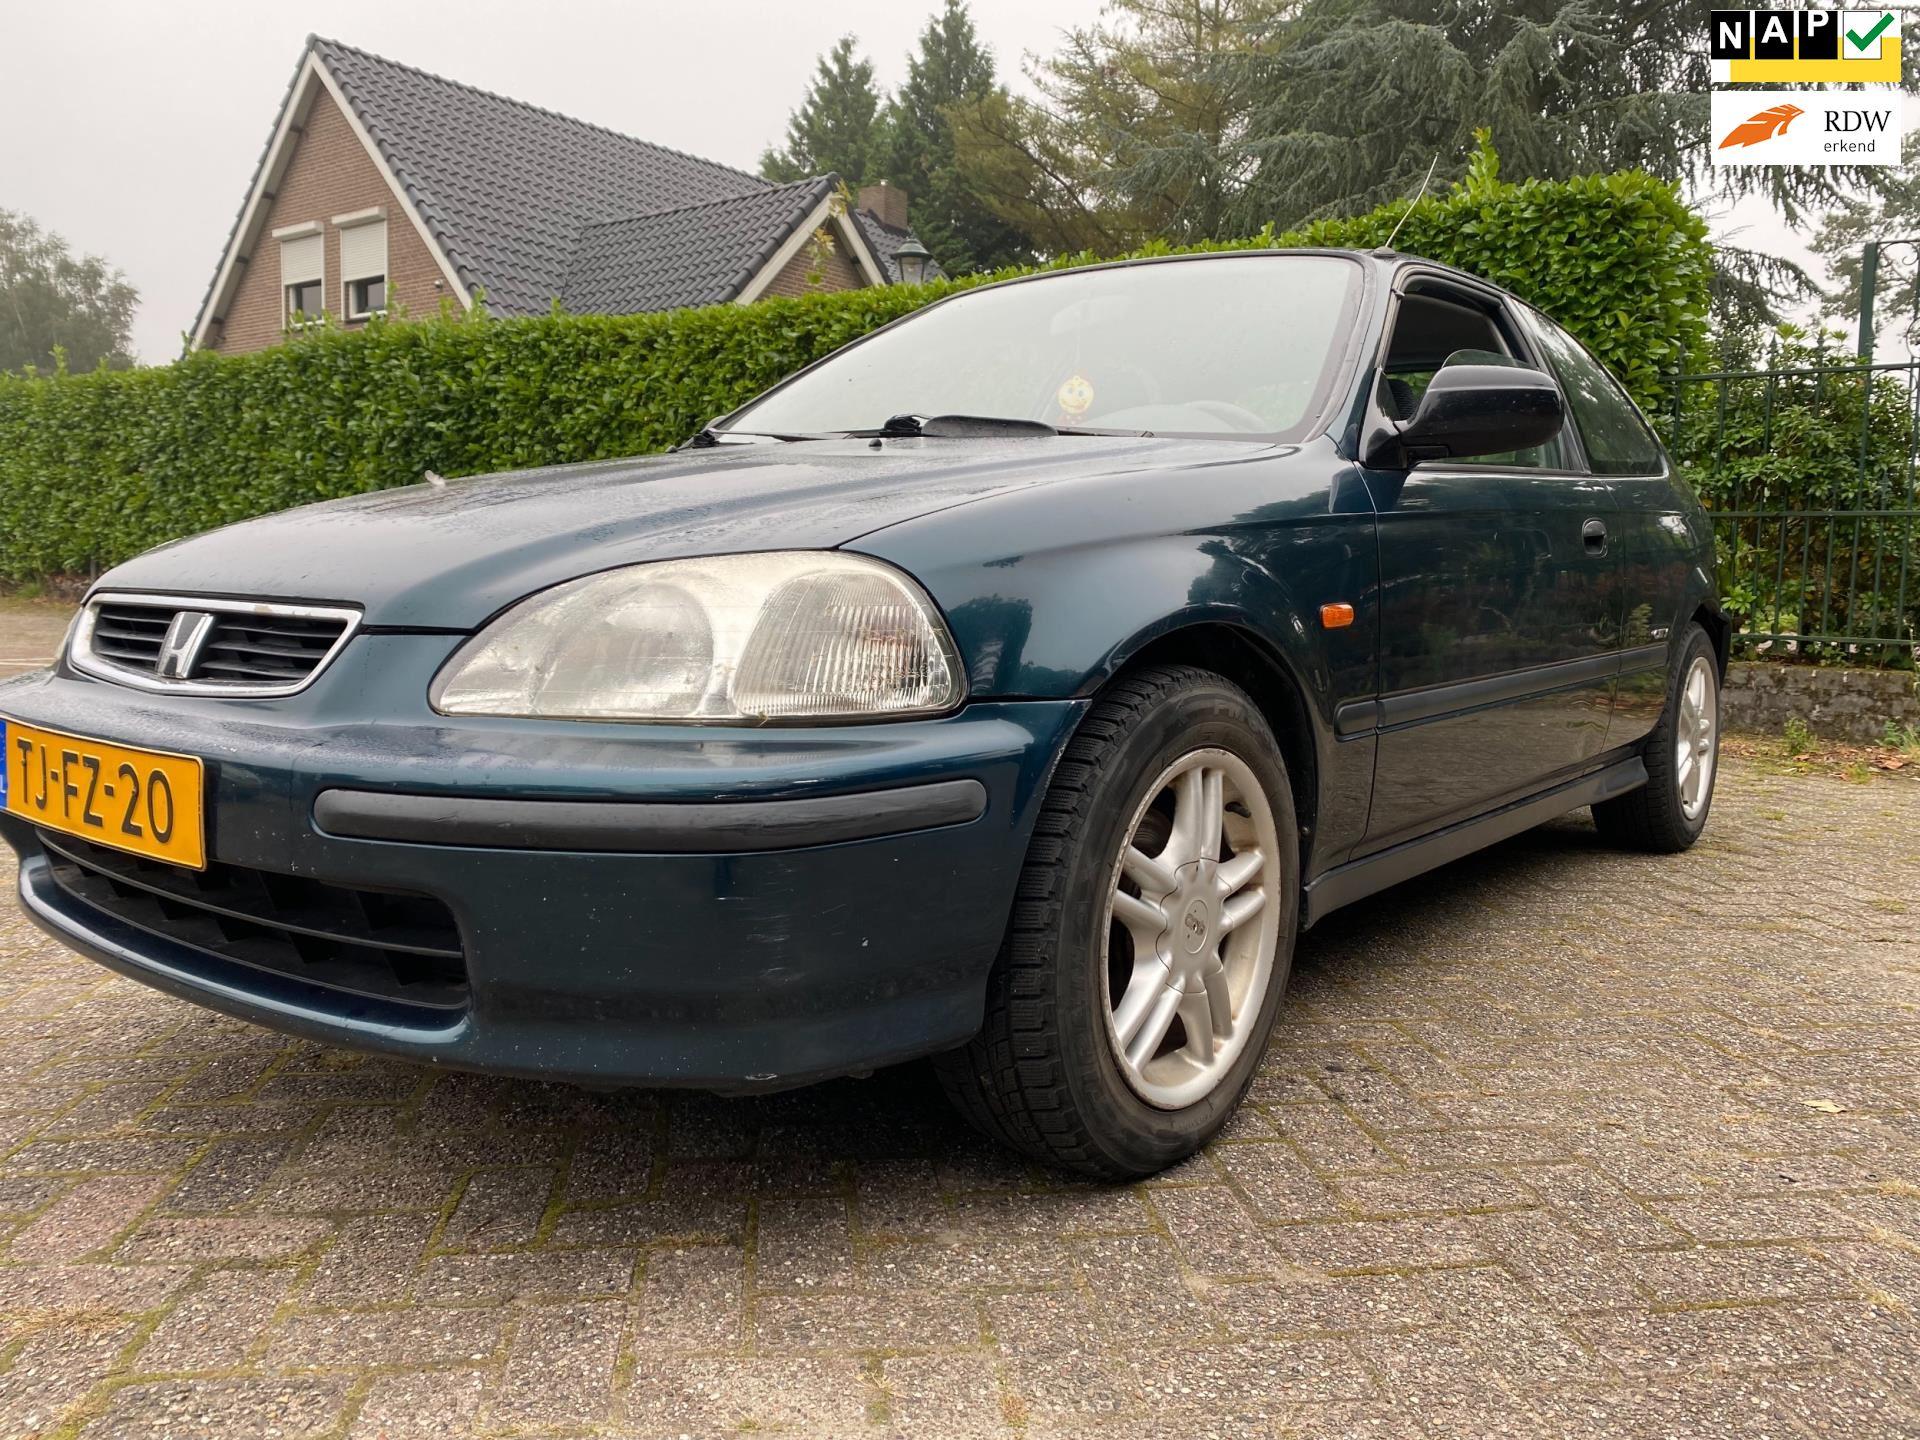 Honda Civic occasion - Autoforce